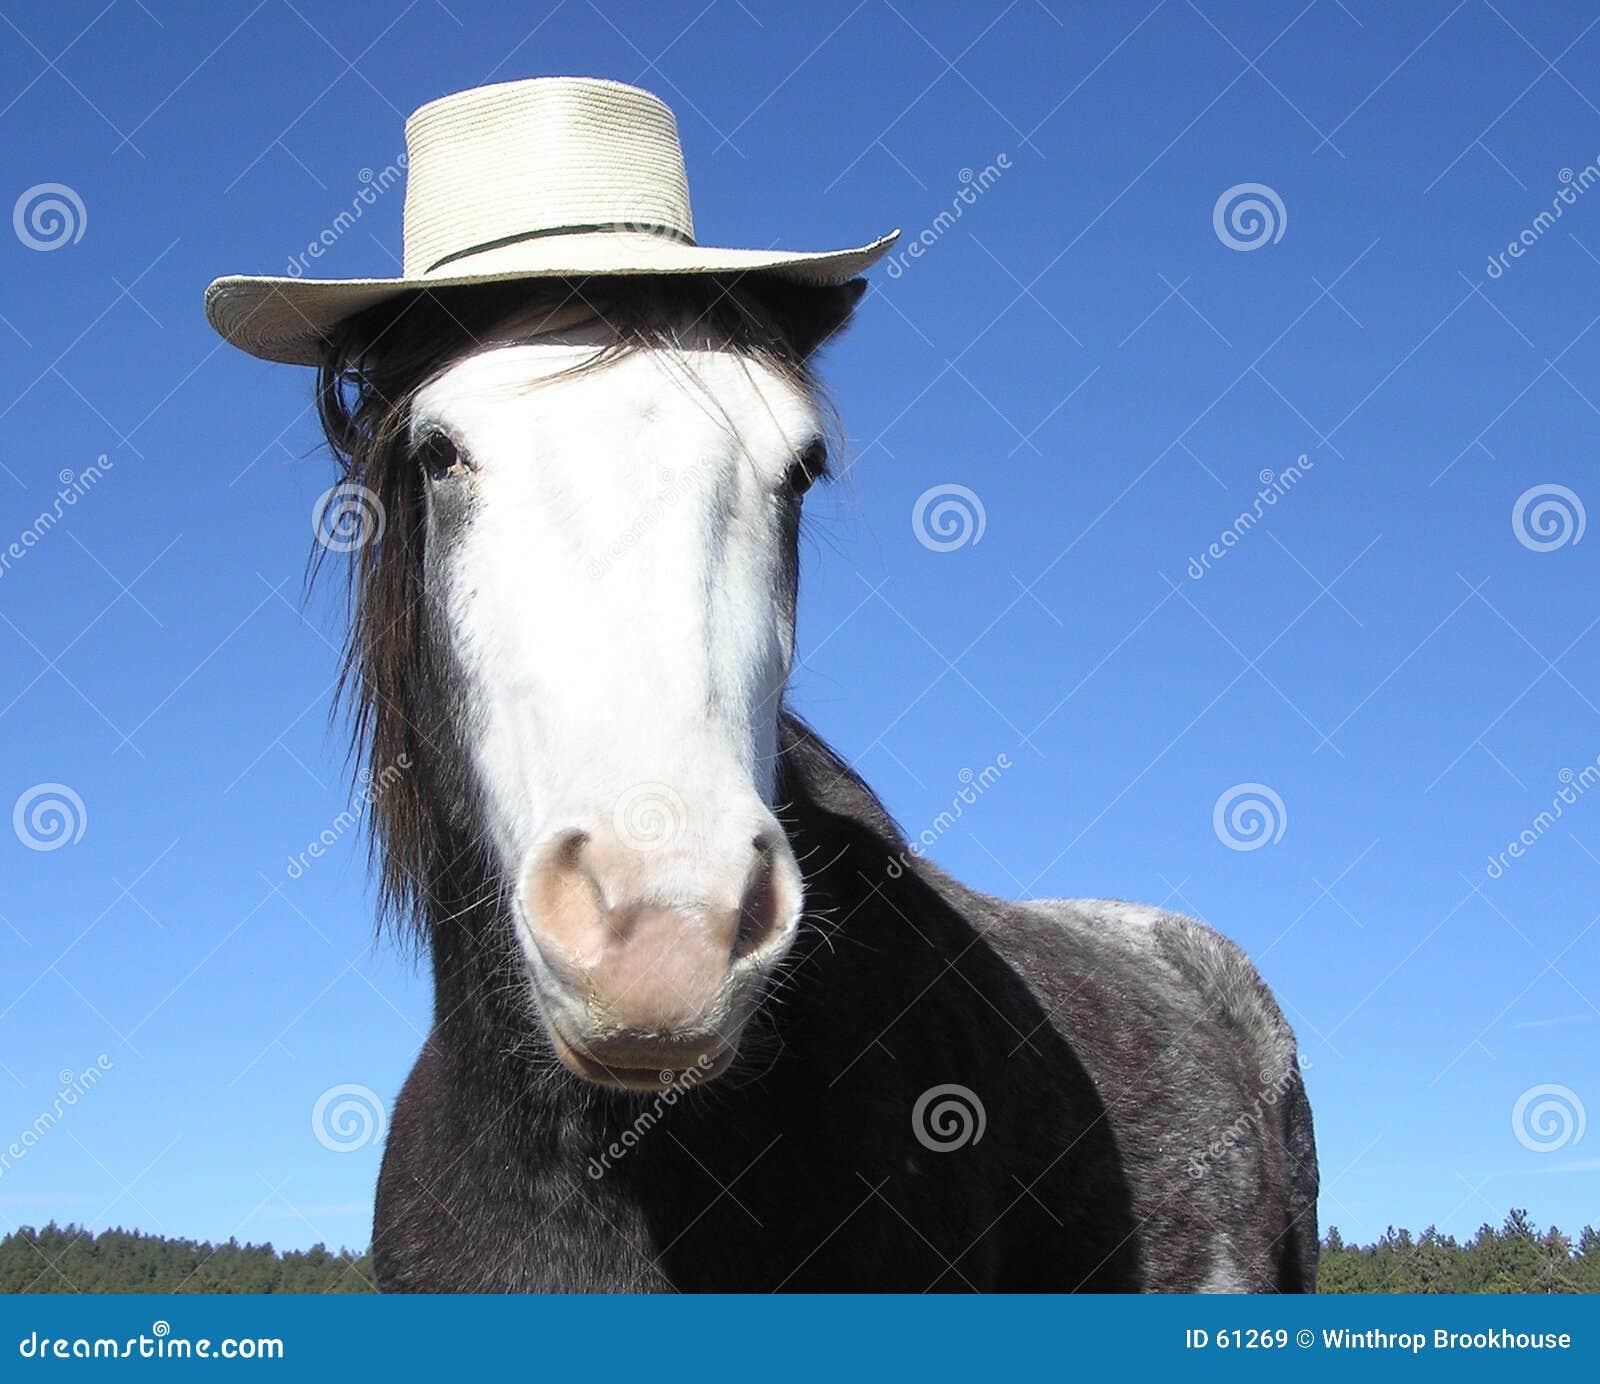 Caballo con el sombrero de paja